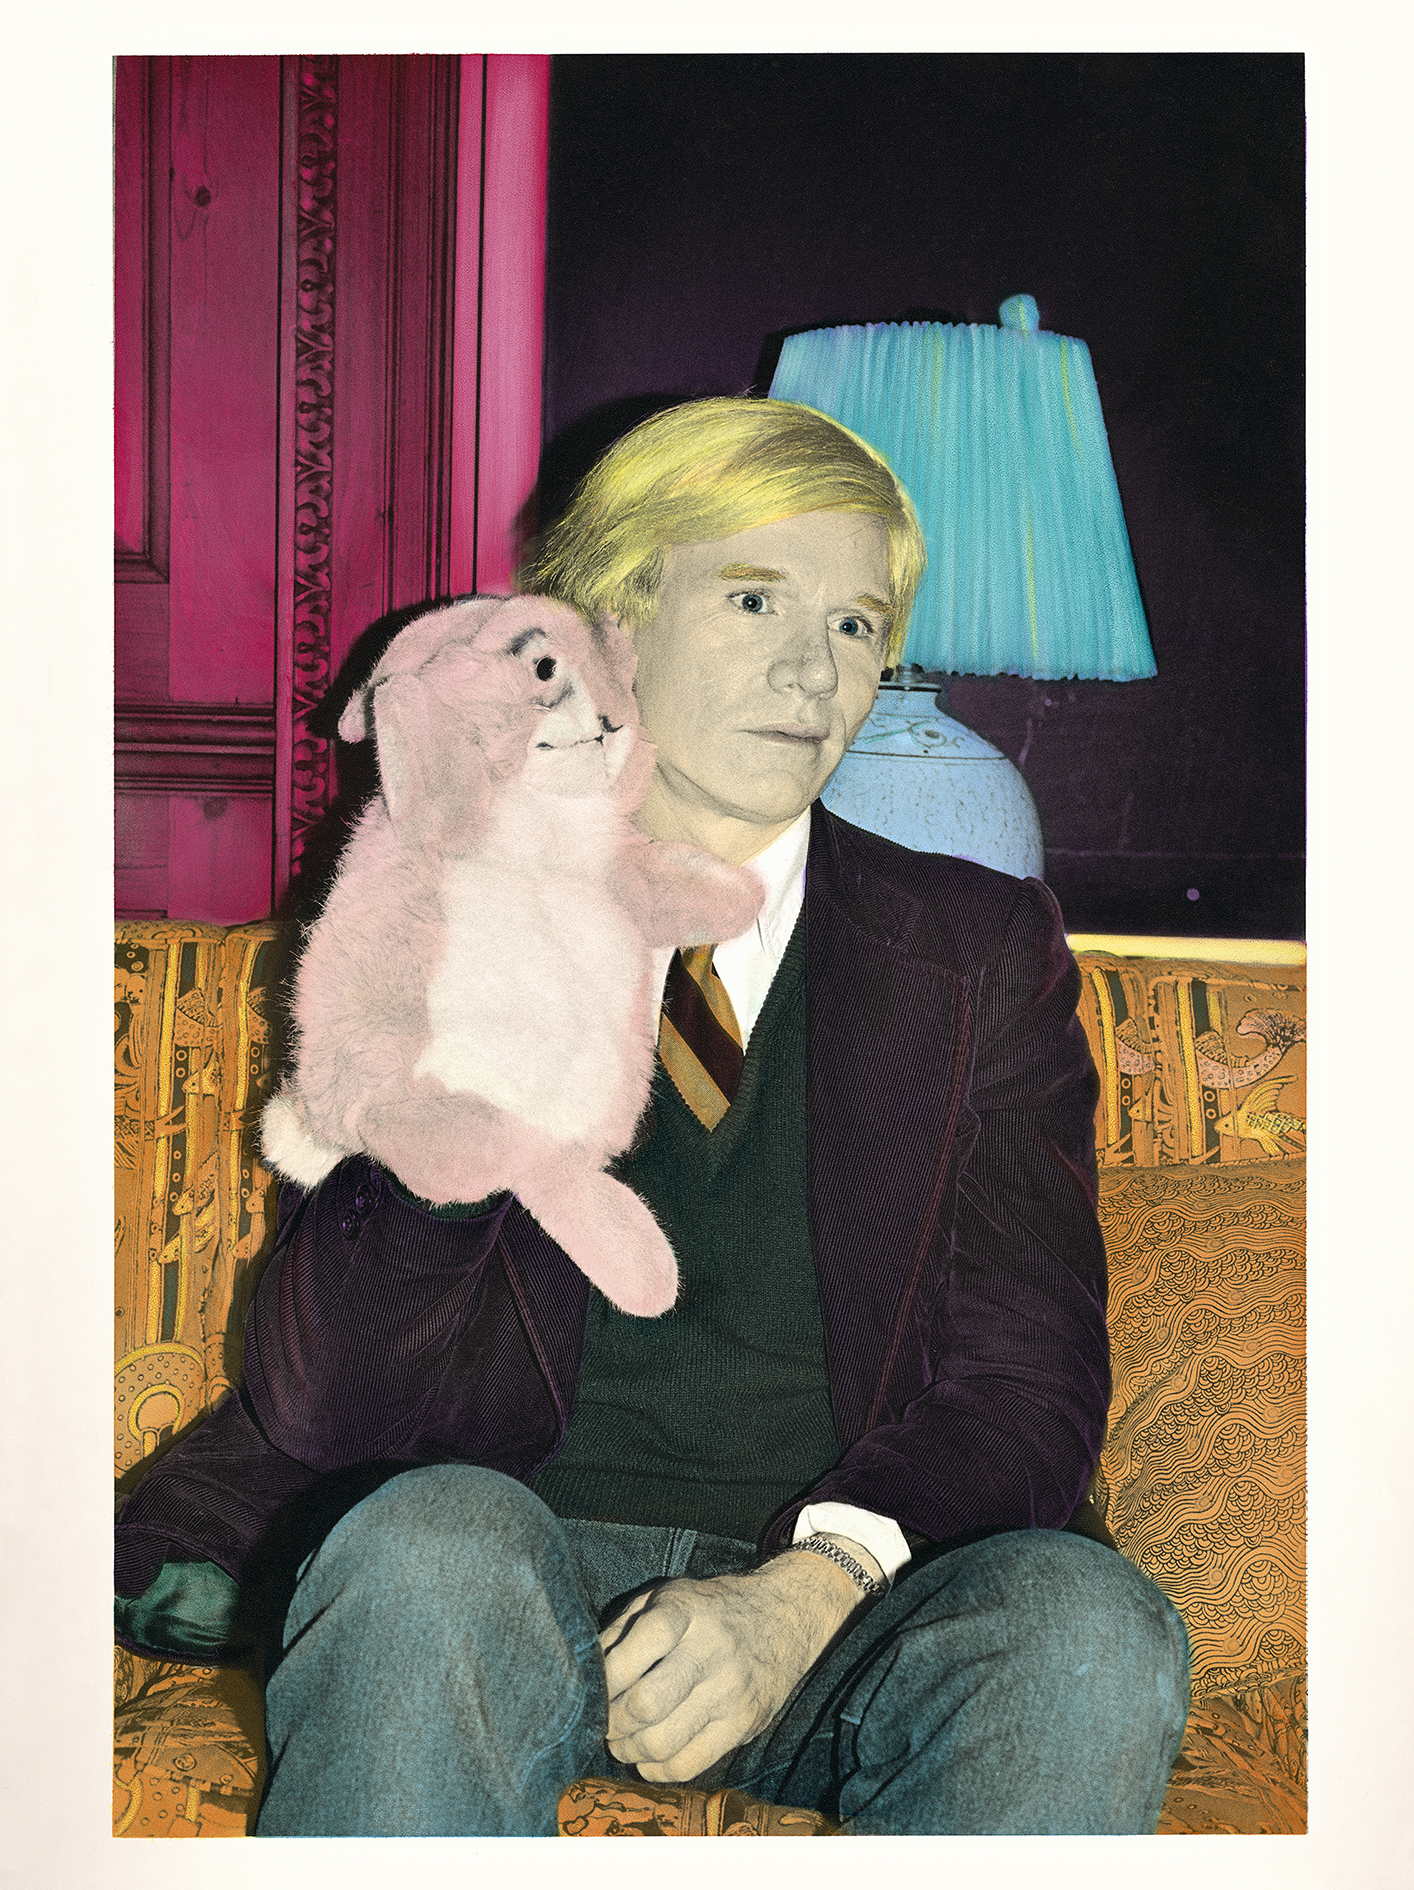 ___GALERIE PIXI – Marie Victoire POLIAKOFF ELIZABETH LENNARD Andy Warhol and the Rabbit tirage argentique sur papier métallique 55 x 42 cm 1978-2016